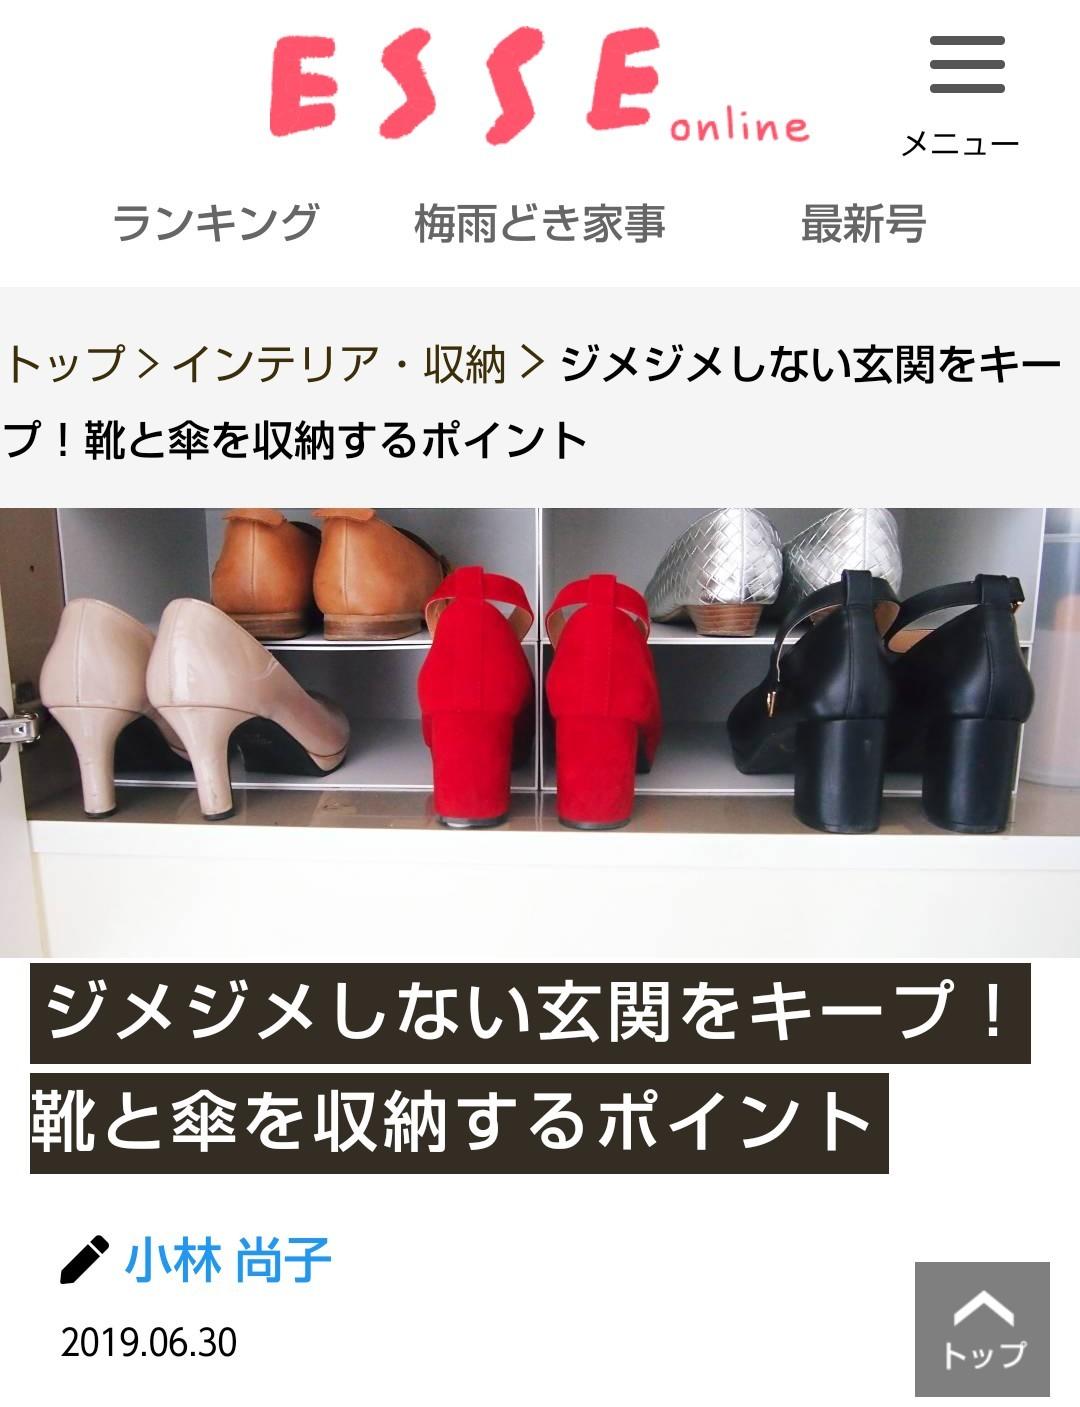 【「靴と傘の収納のポイント」ESSE Onlineに掲載です】_e0253188_21325127.jpg